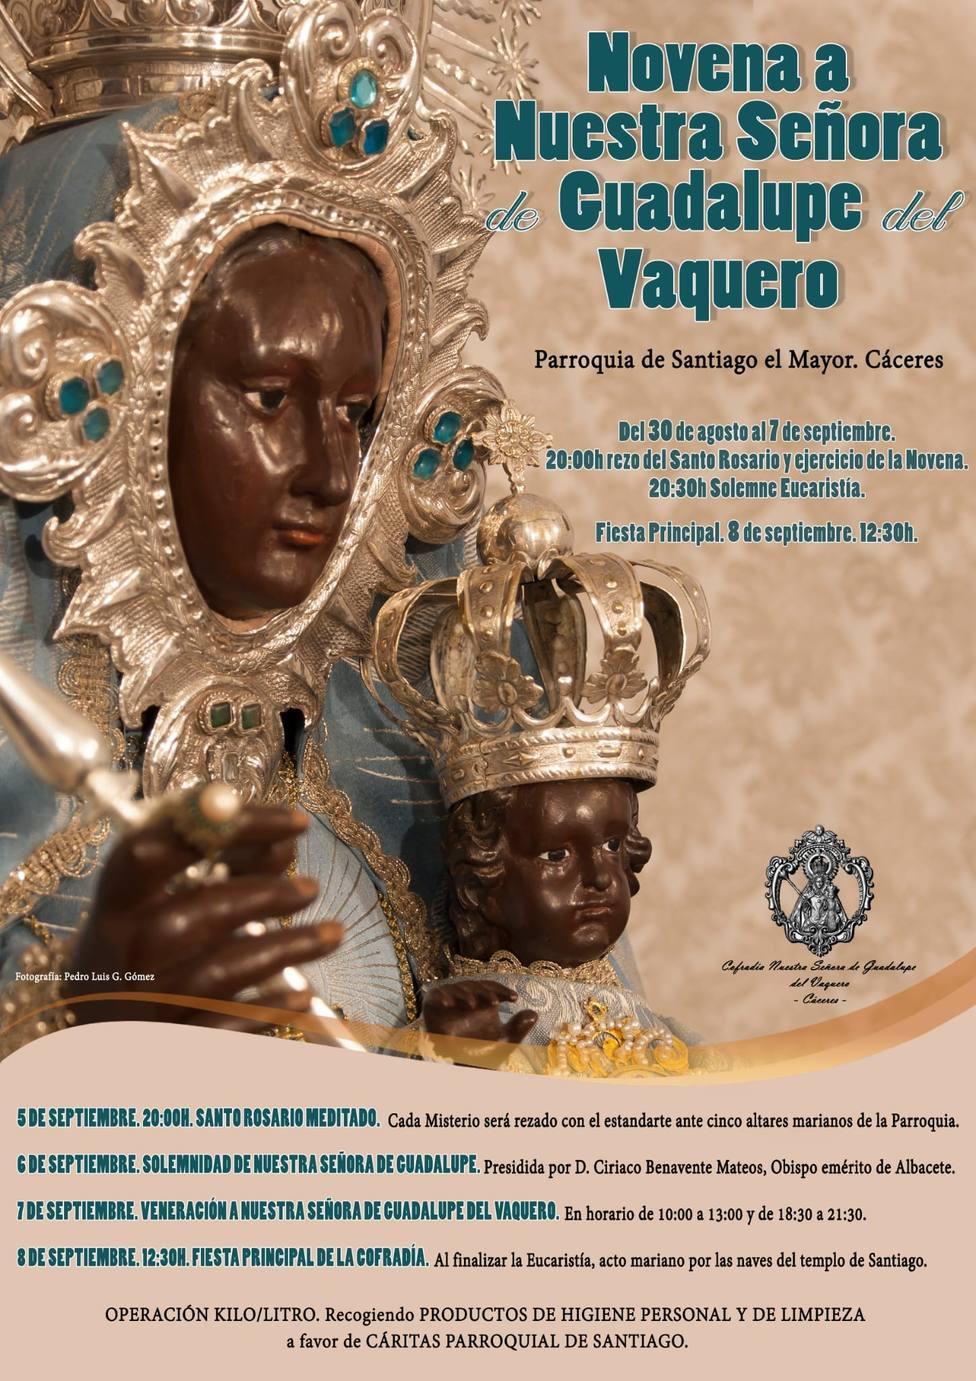 Comienzan los cultos a la Virgen de Guadalupe del Vaquero